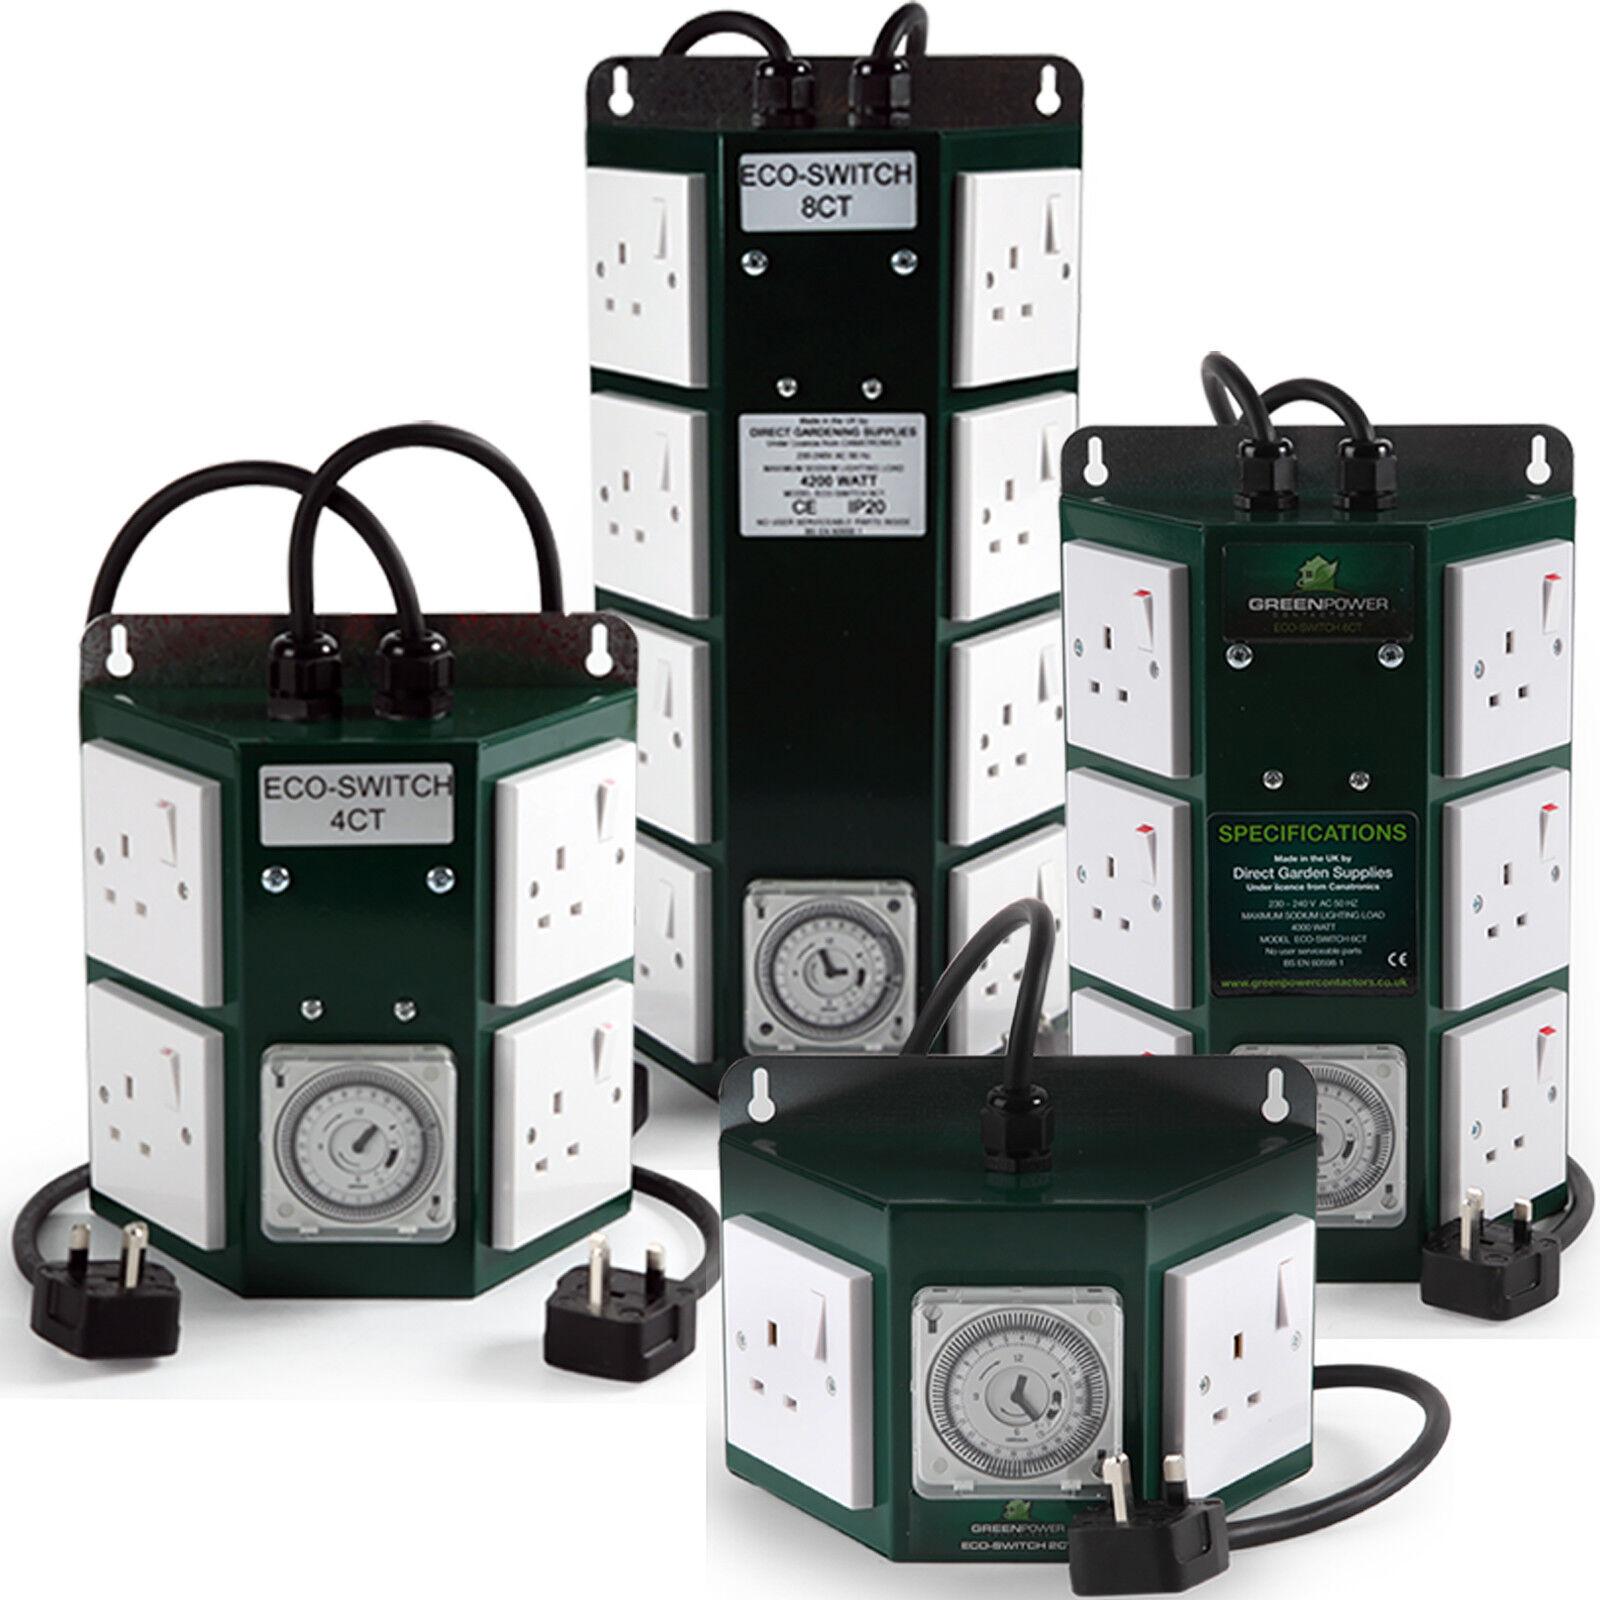 verde Power 2 4 6 & 8 Way Profesional Hidropónico Contactor con Grasslin Timer